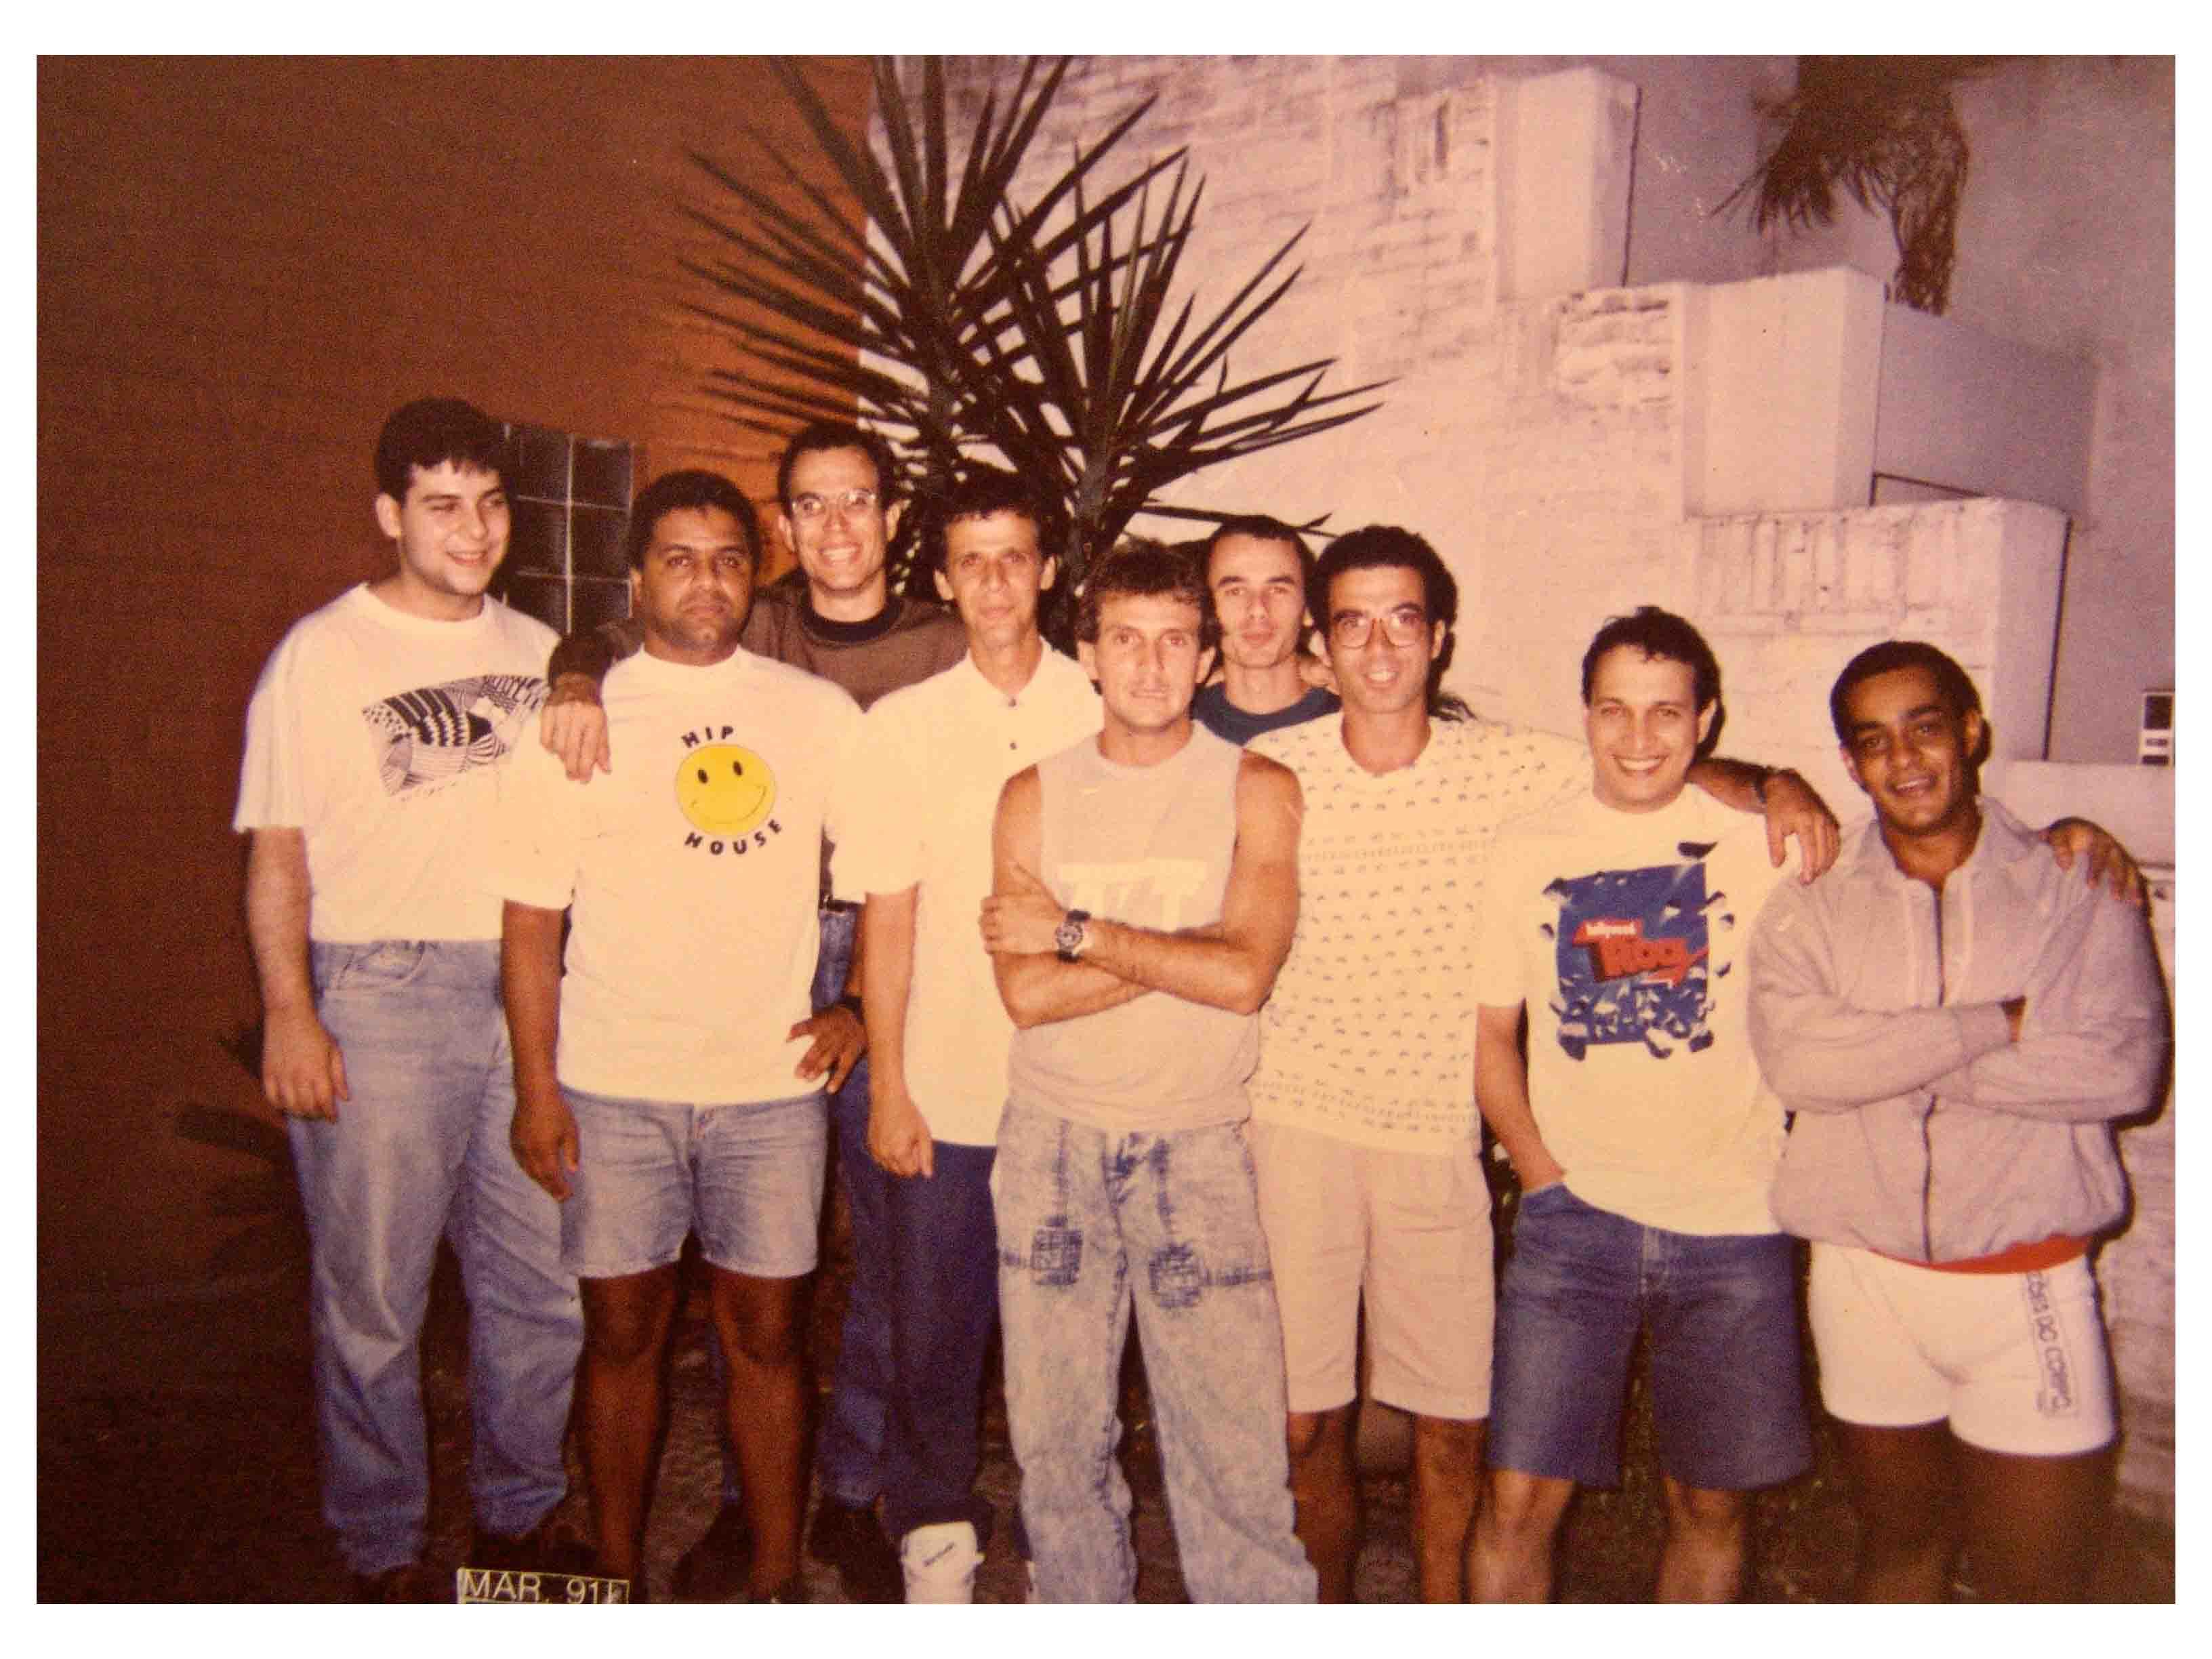 Reunião de DJs Capixabas nos anos 80 - Renato Vervloet, Badu, Keko, Dedeko, ?, Paulinho, Zé Luis (Josh), Casado e Monstrinho